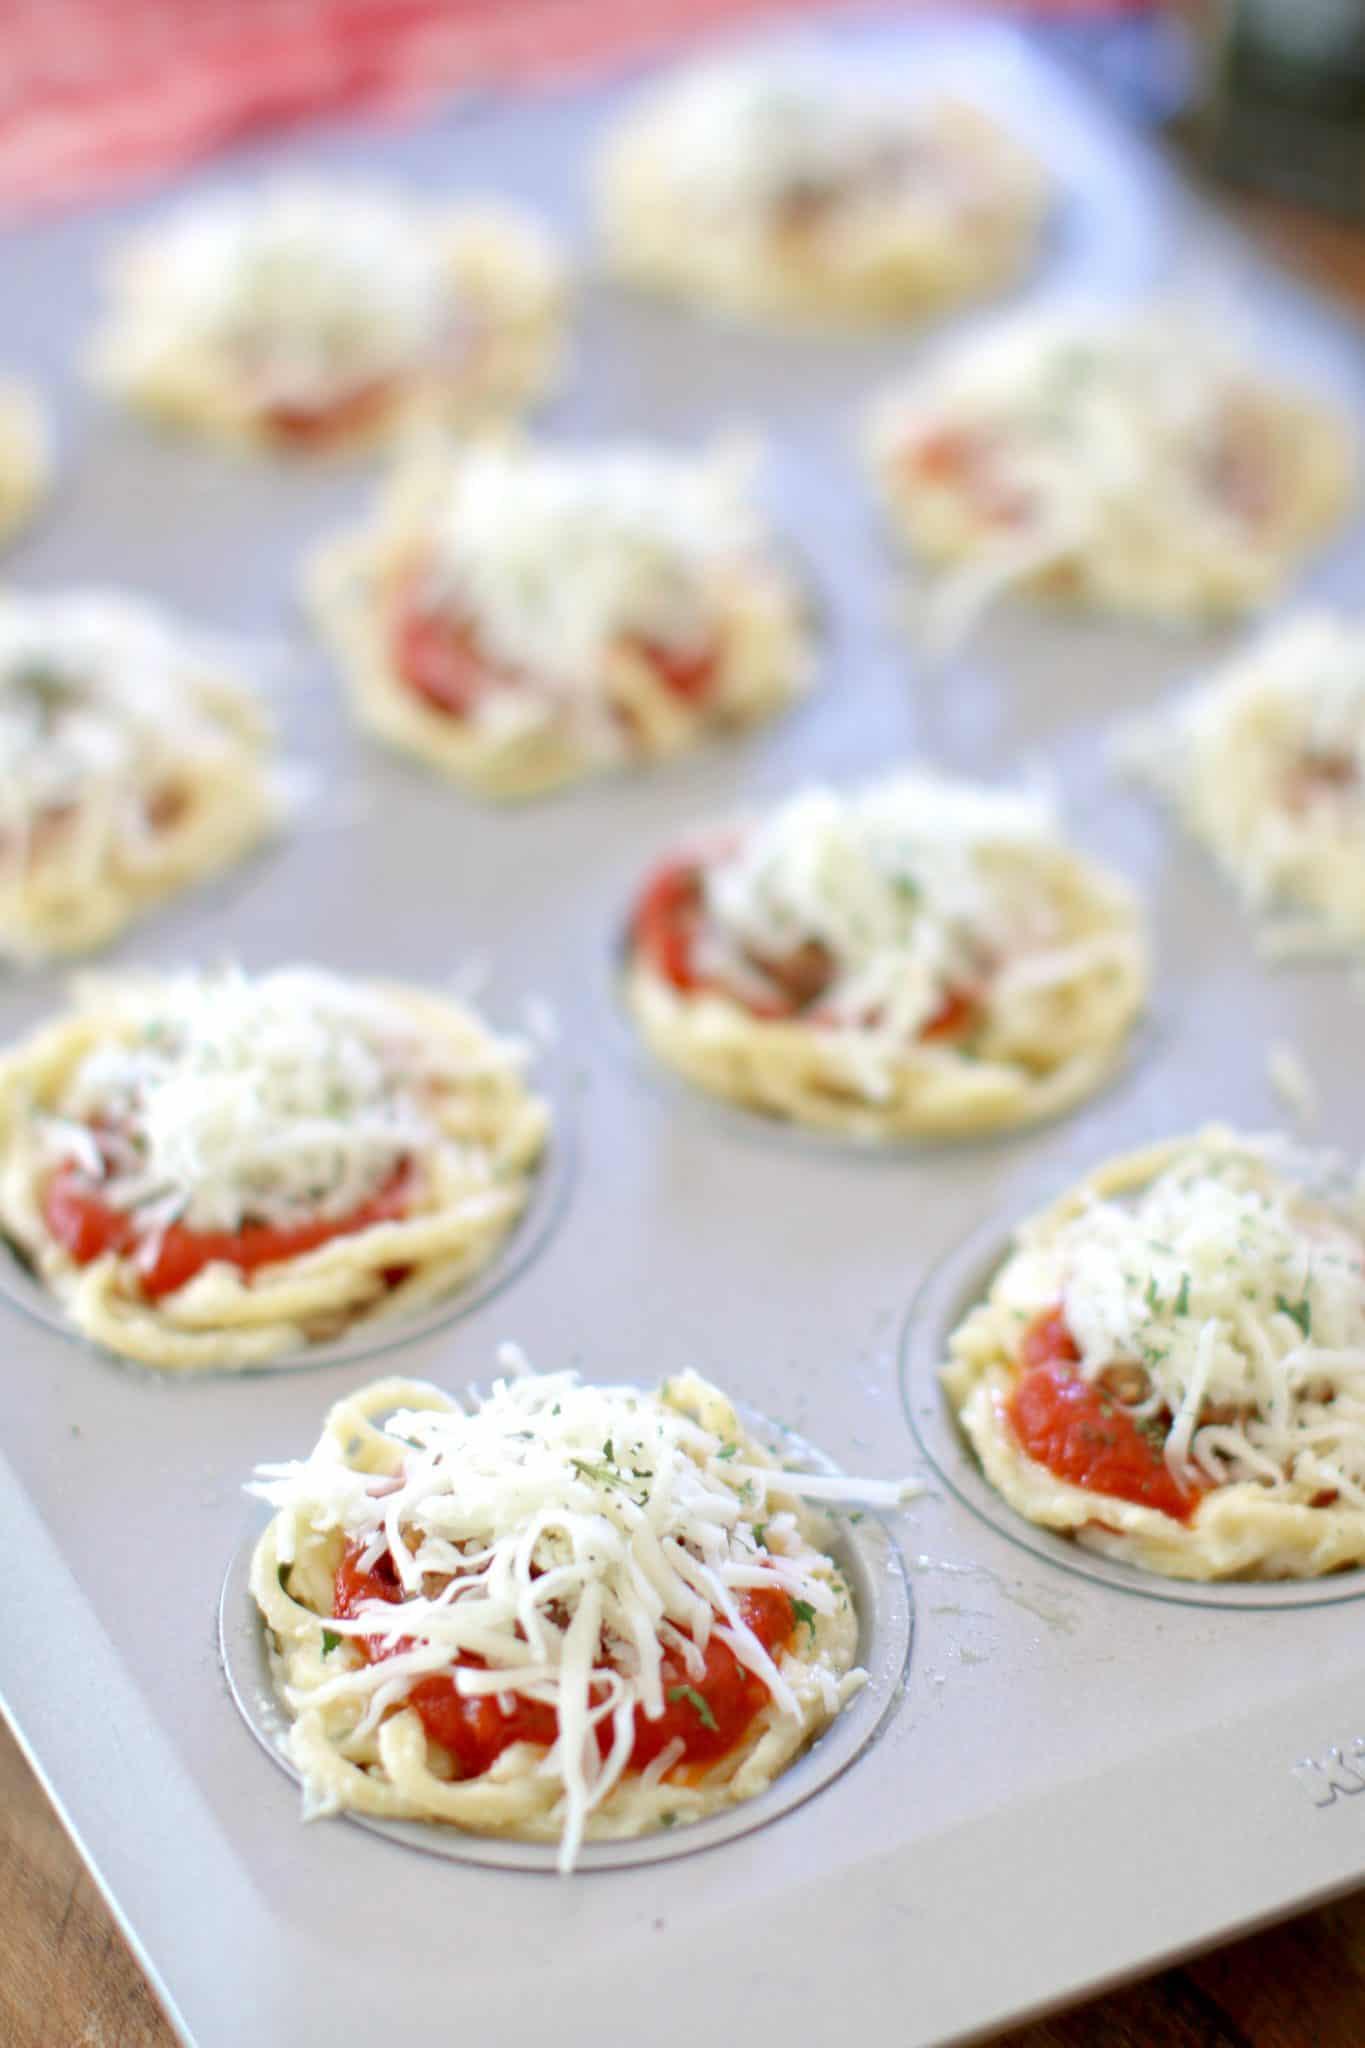 spaghetti cupcakes topped with mozzarella cheese